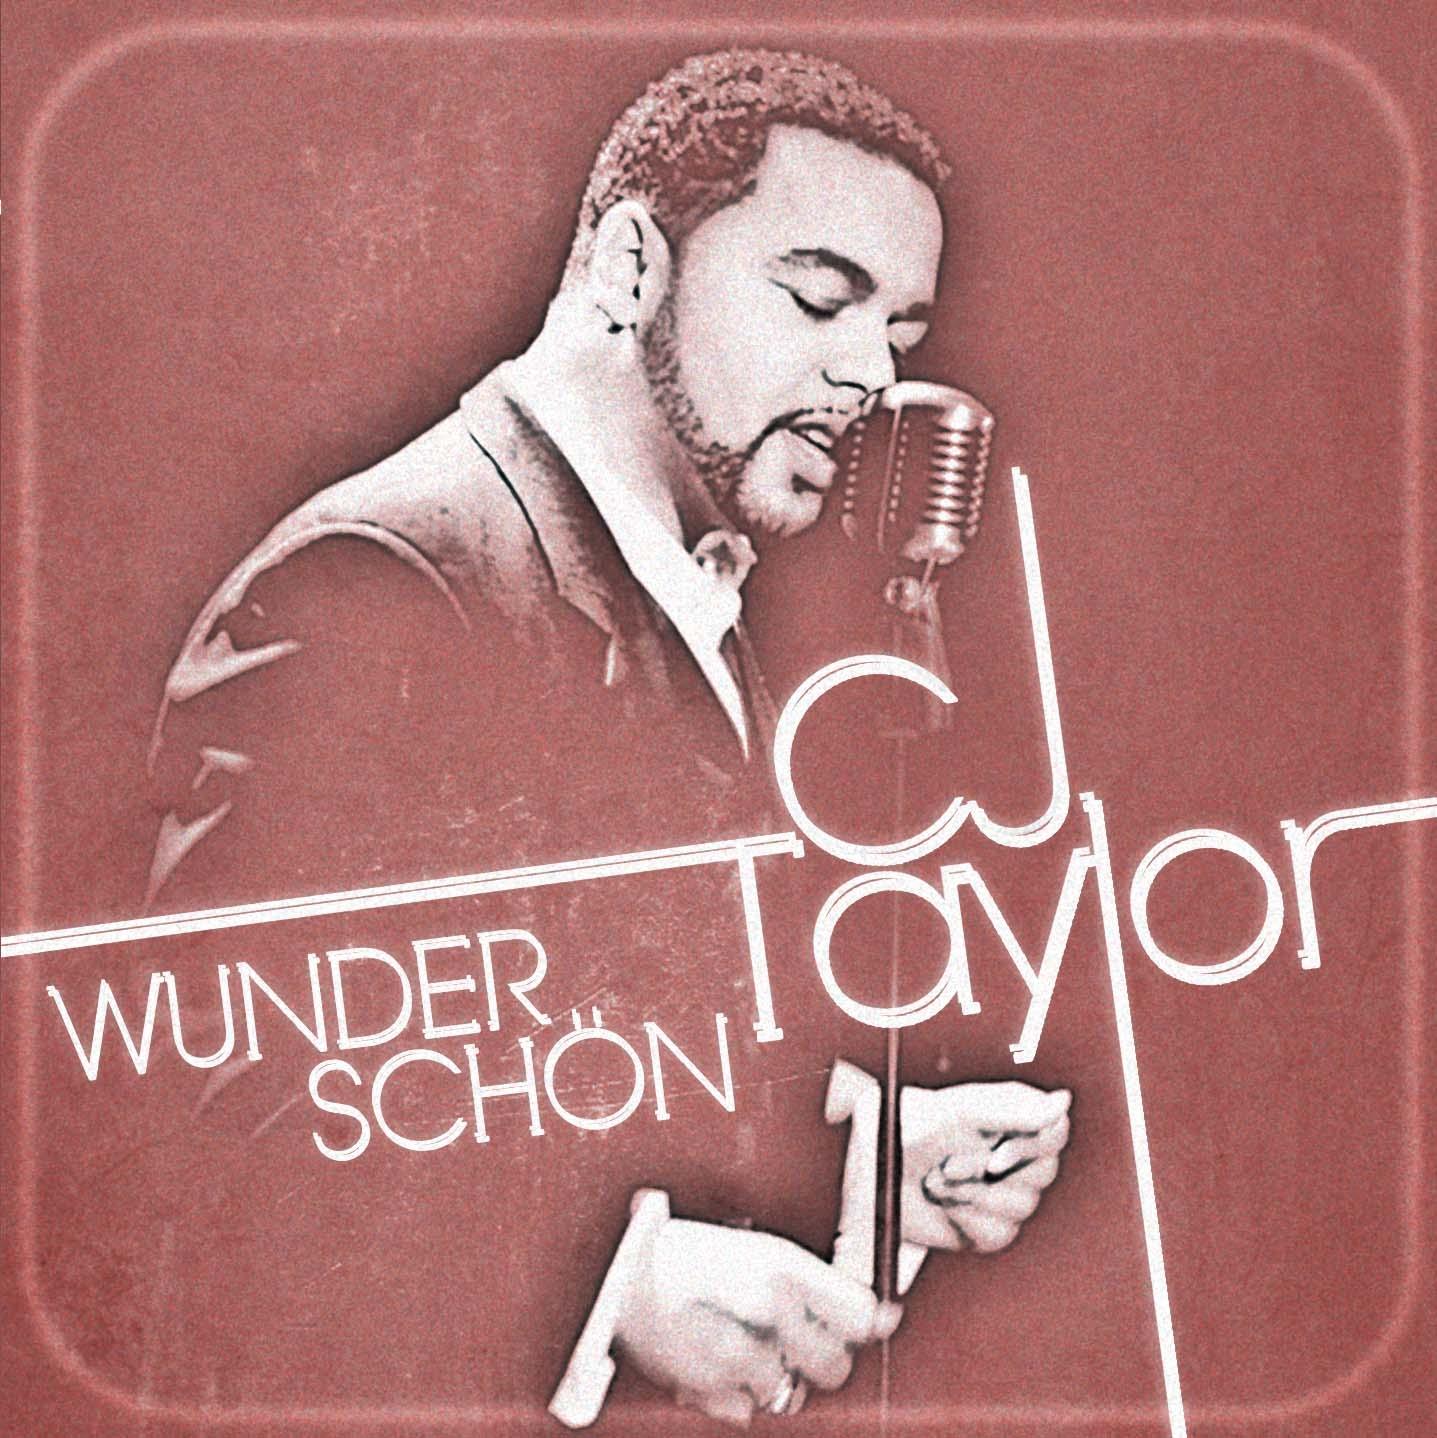 Exklusives Interview mit CJ Taylor – Wunderschön   Burning Music